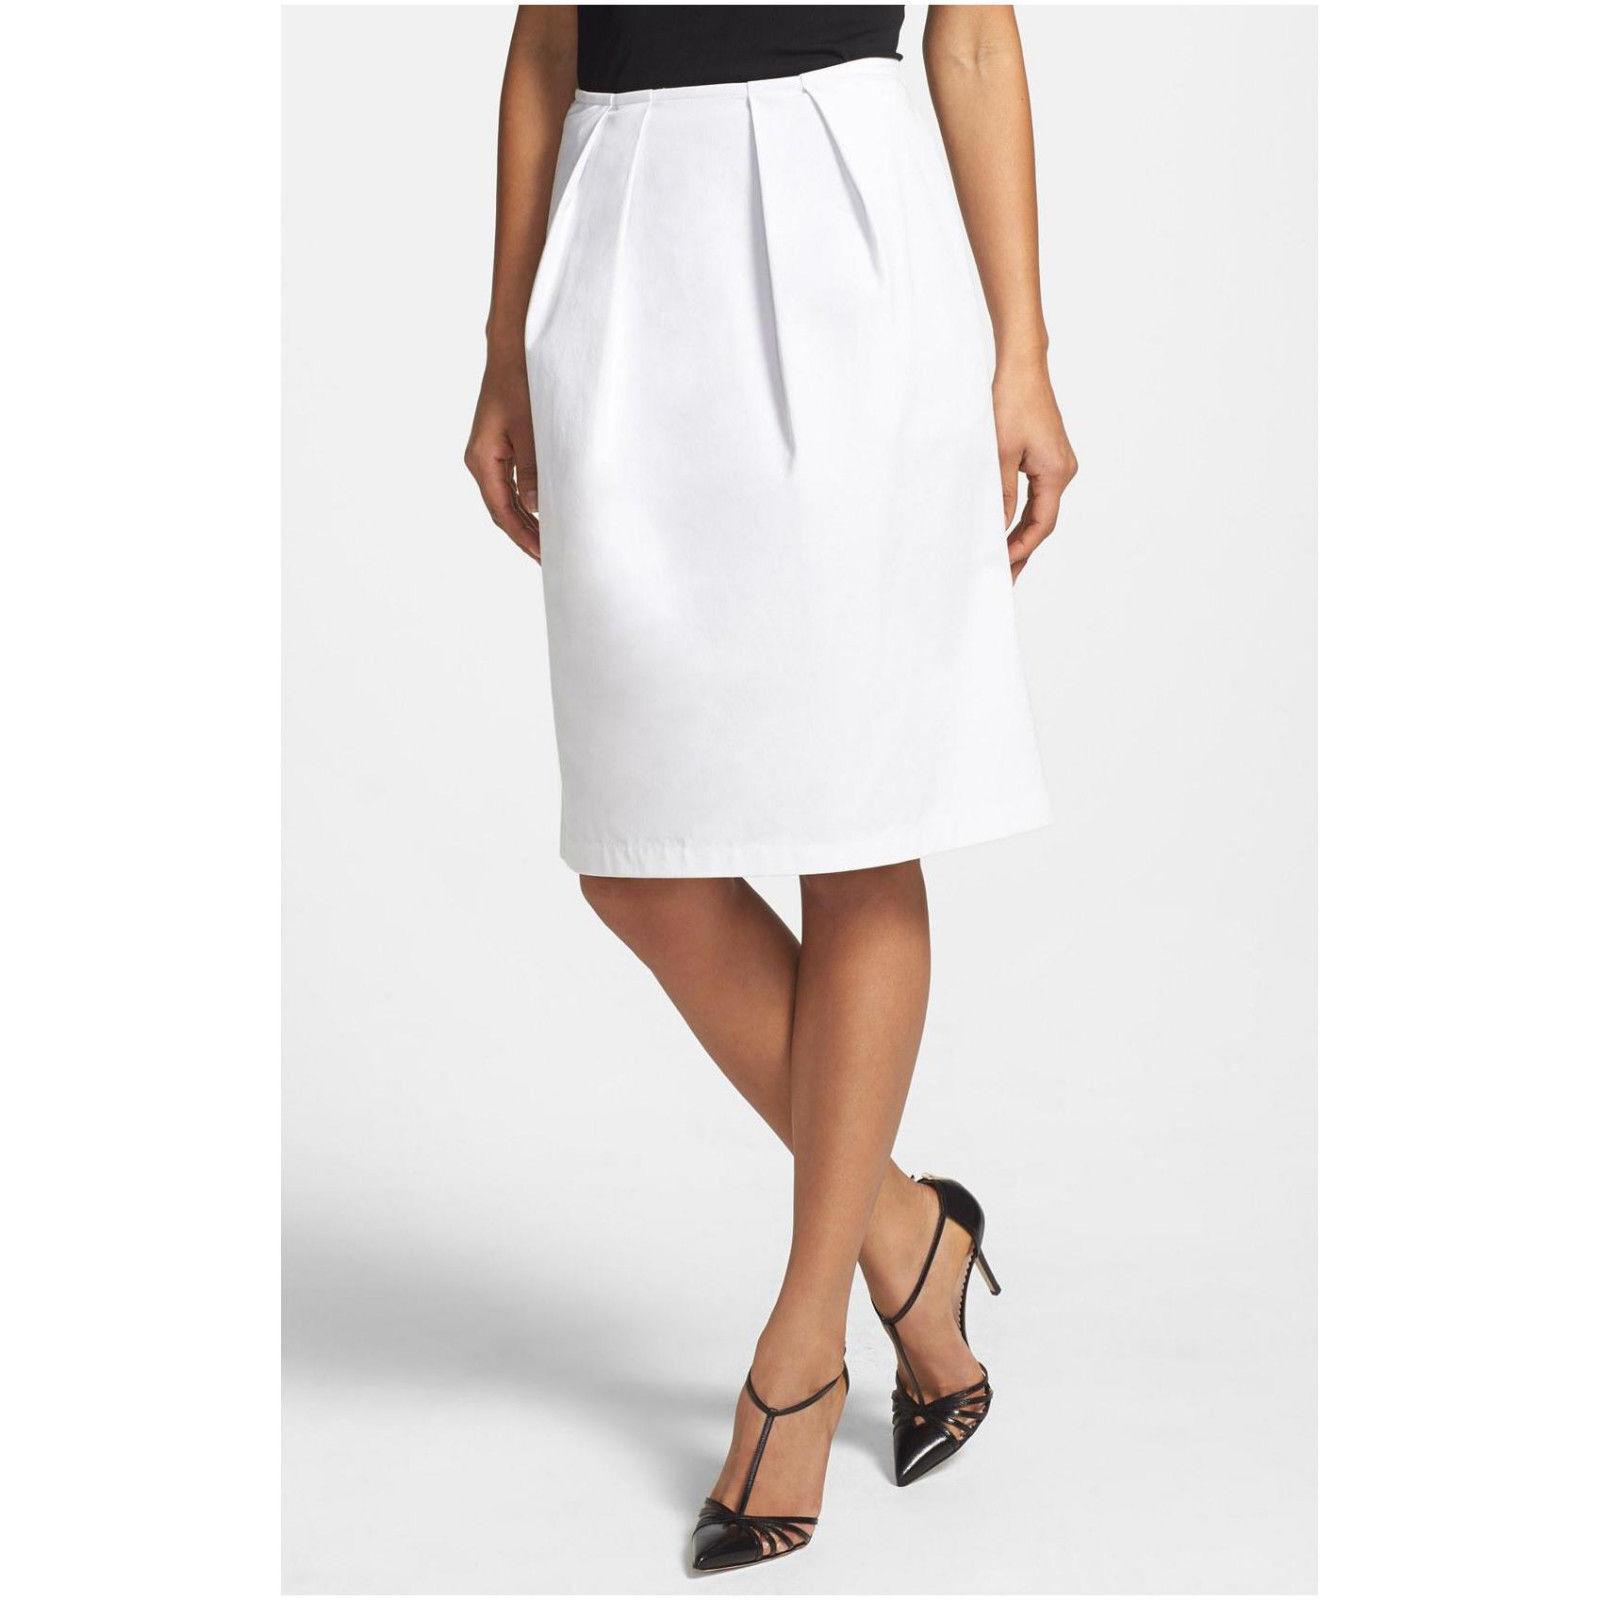 SZ 6 Lafayette 148 New York WHITE Stretch Pleat Twill A-Line Skirt NWT  198